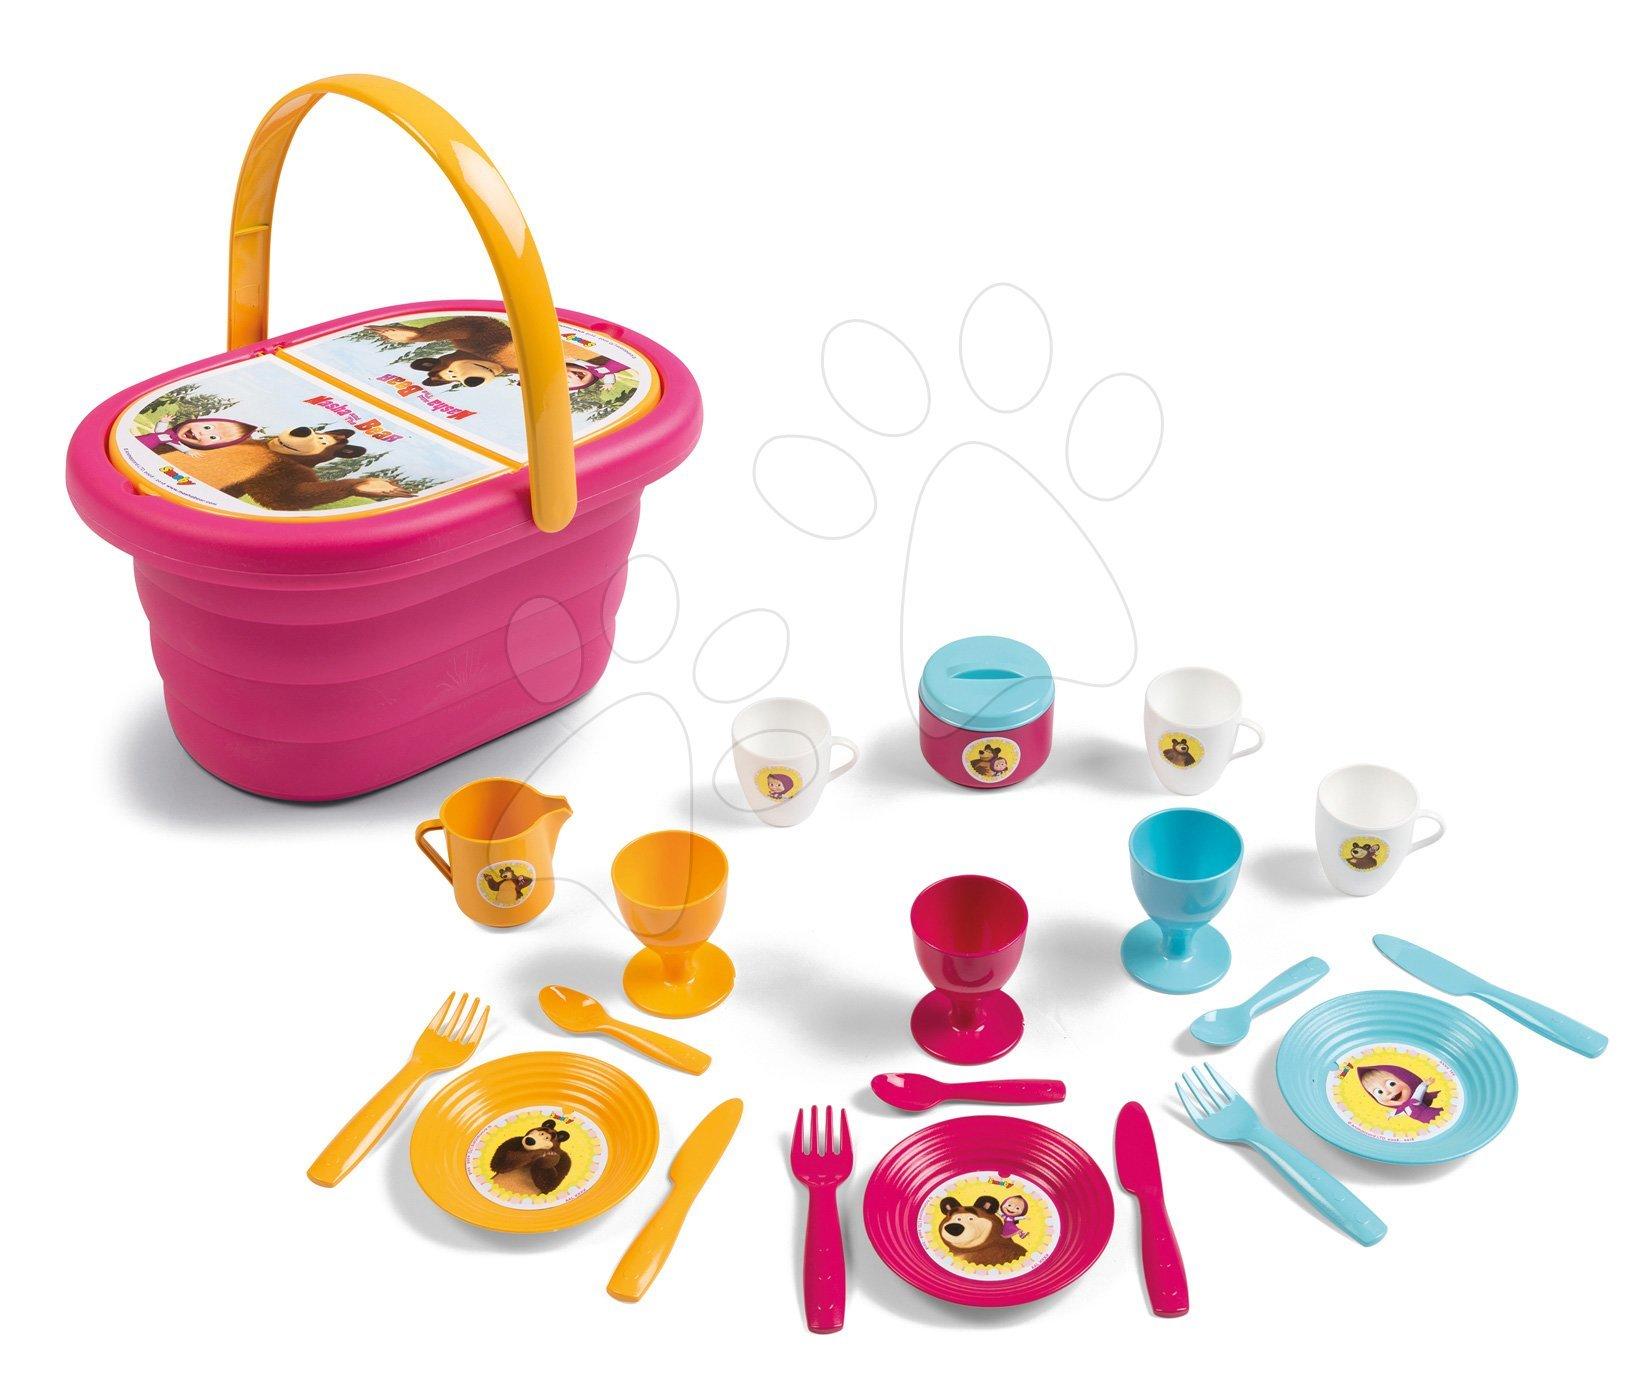 Piknikový košík s obedovou súpravou Máša a medveď Smoby s 21 doplnkami ružový